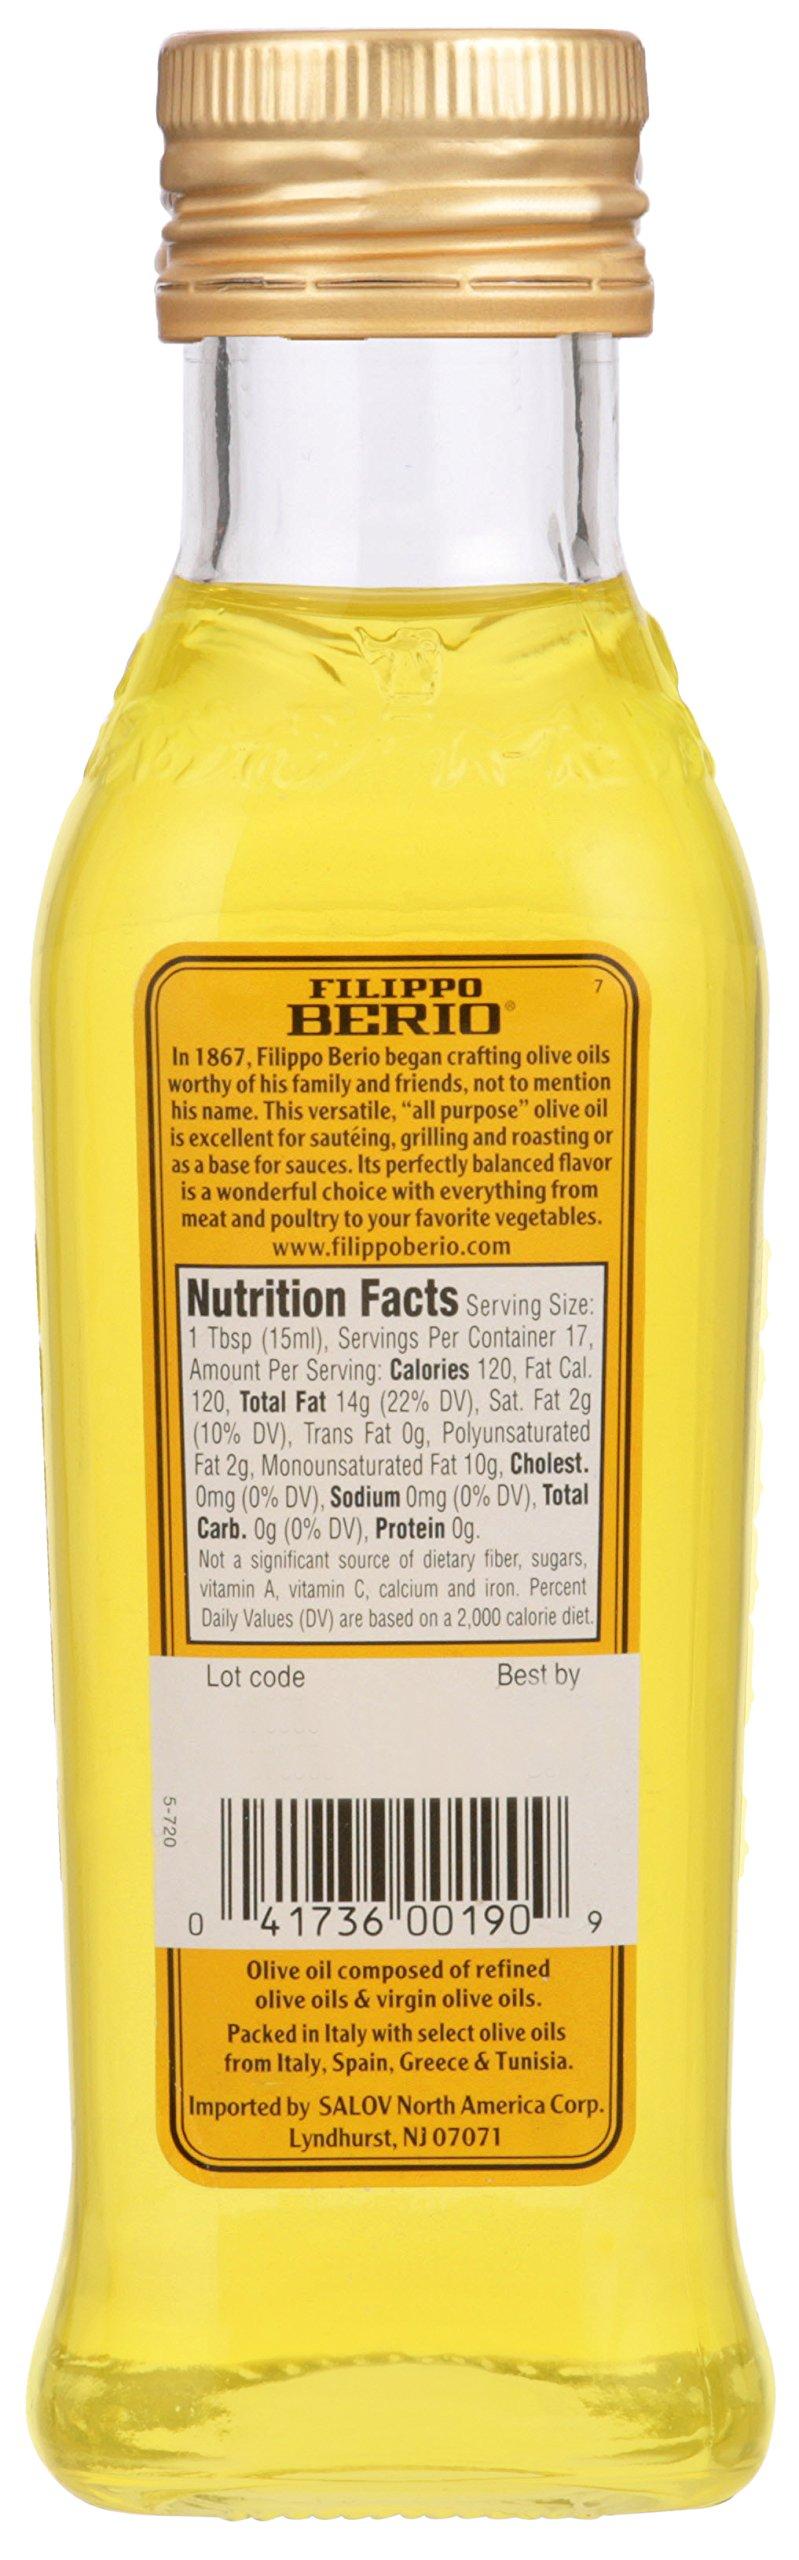 Filippo Berio Olive Oil, 8.4 Ounce by Filippo Berio (Image #3)